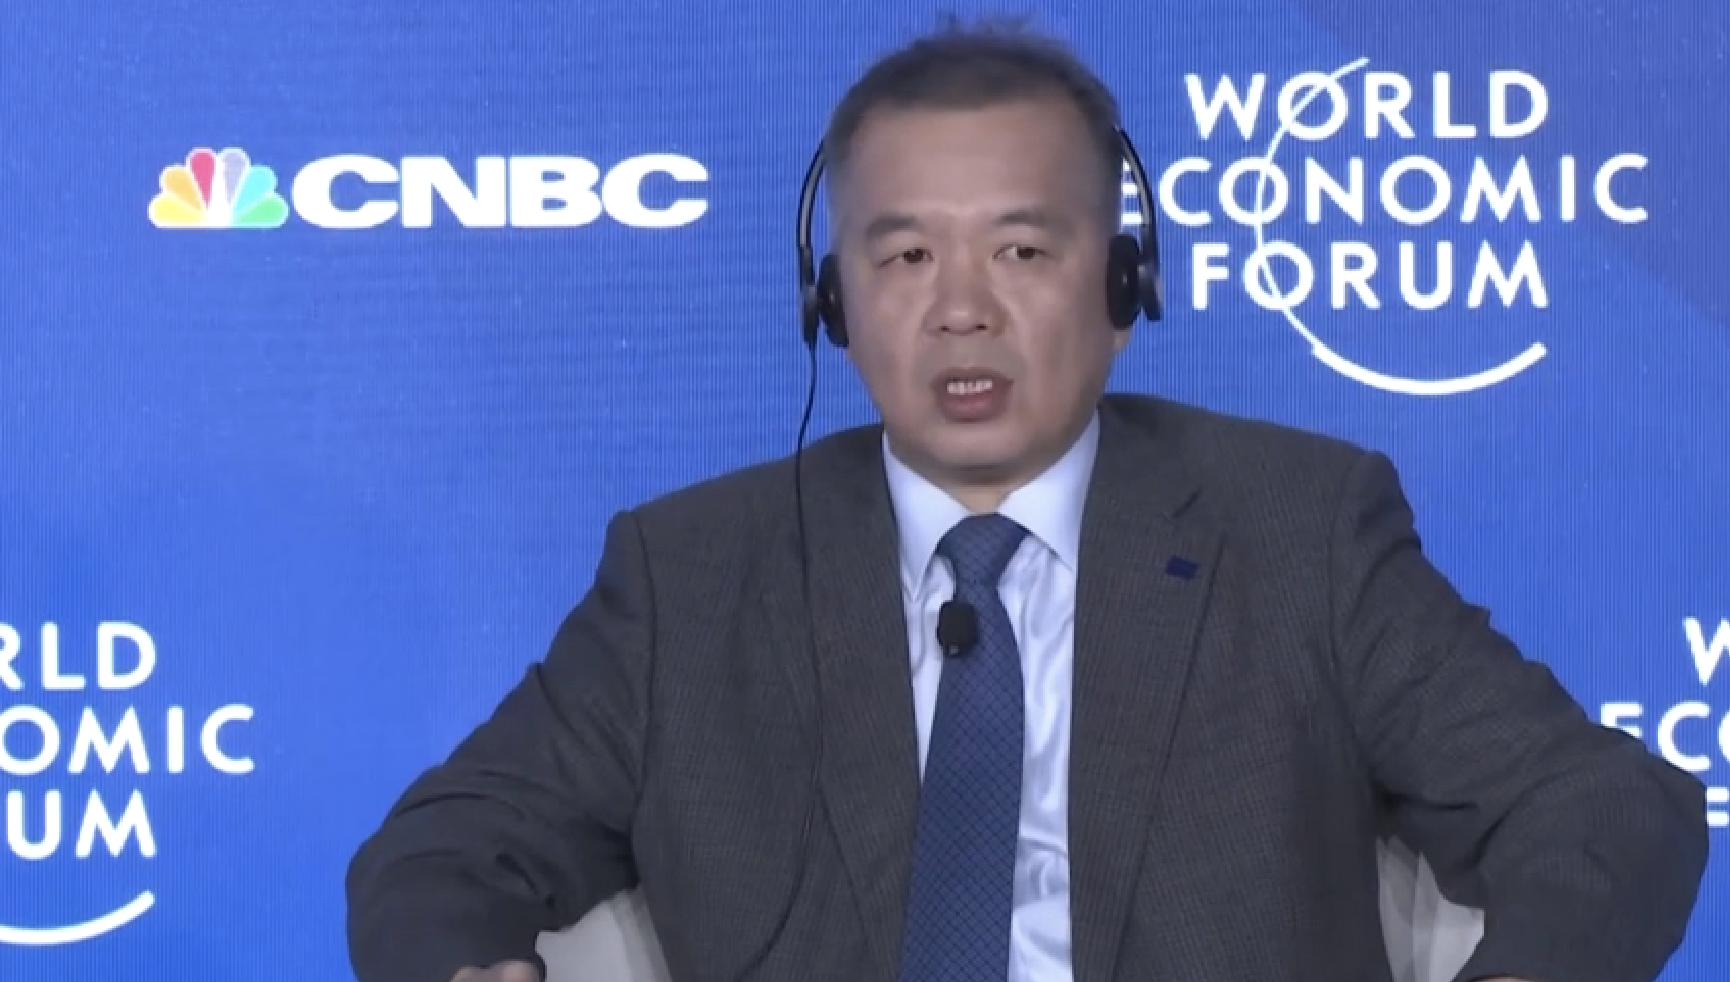 王团维:全球领导力达成共识利于经济增长 可惜在朝着相反方向发展